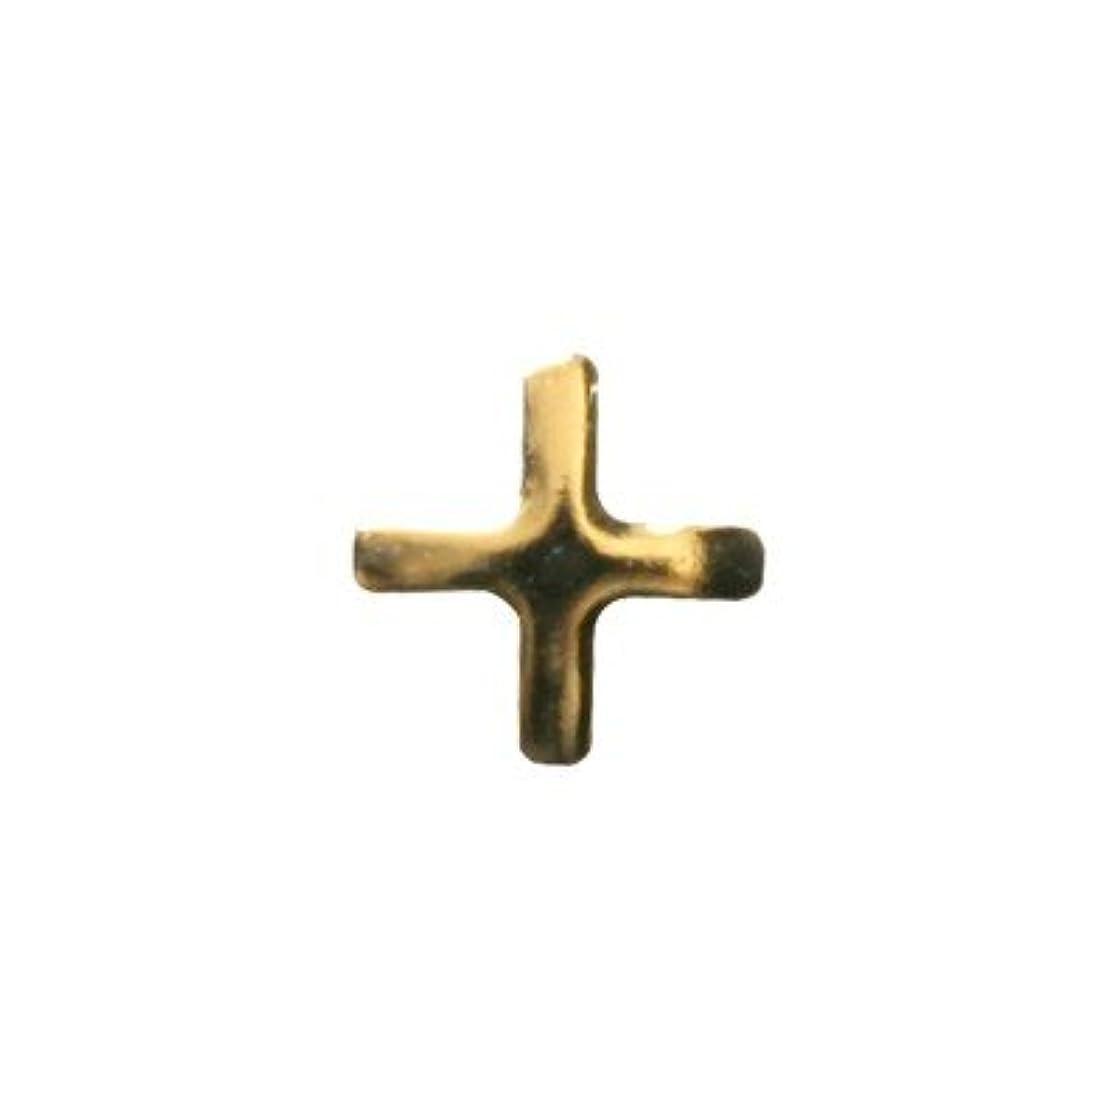 牧師状況最も遠いピアドラ スタッズ クロスレット ハーフ 3mm 50P ゴールド